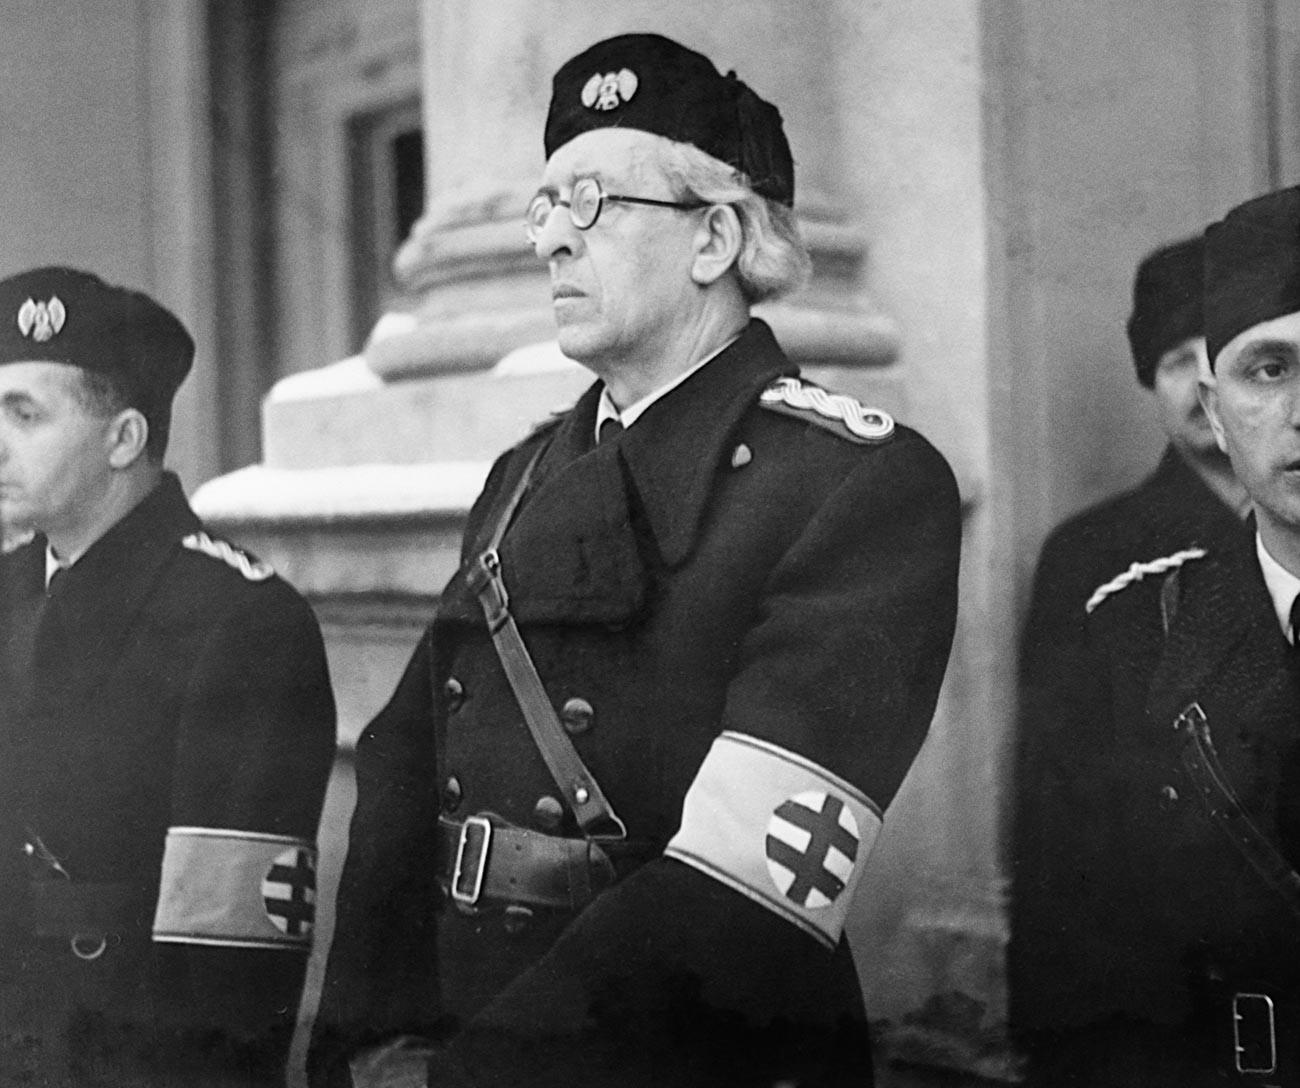 Војтех Тука, огорчени словачки вођа који је пружао подршку нацистима.